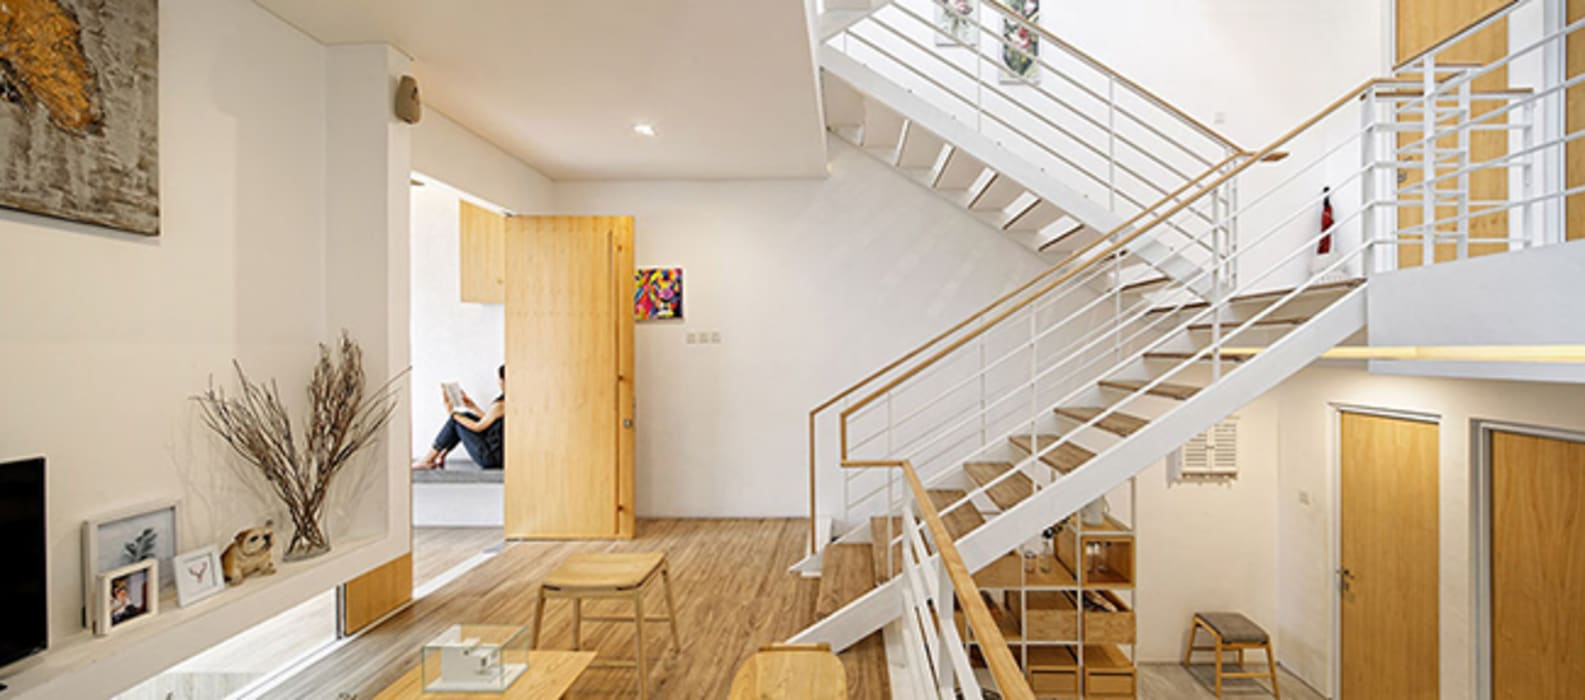 Không gian thoáng rộng và tiện ích vô cùng với kiểu thiết kế thông minh.:  Cầu thang by Công ty TNHH TK XD Song Phát